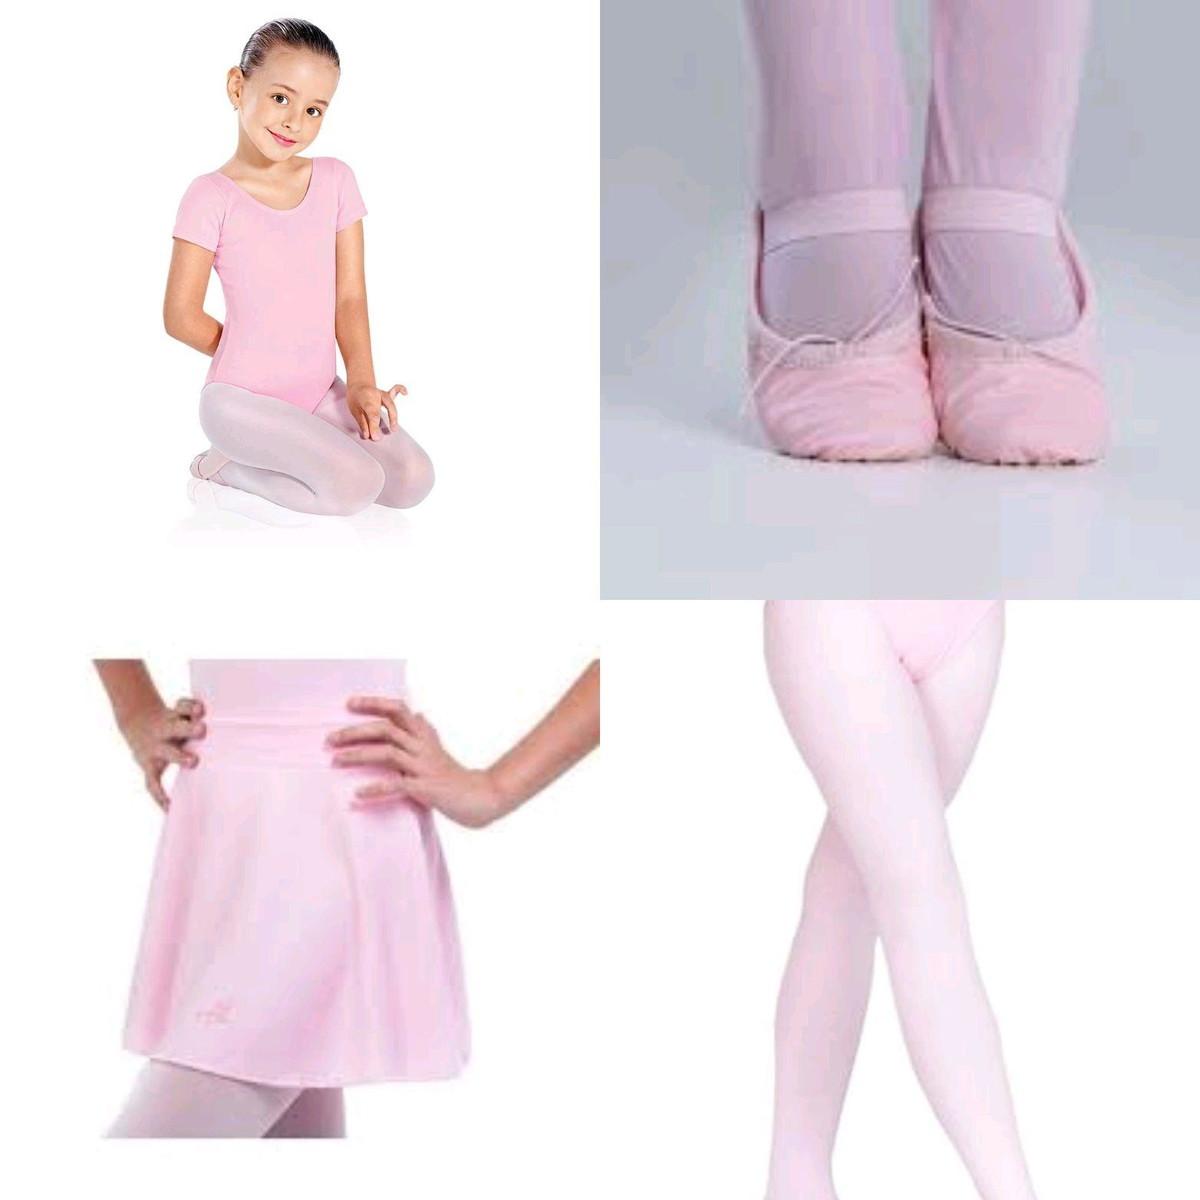 367f6c6206 Kit de ballet no Elo7